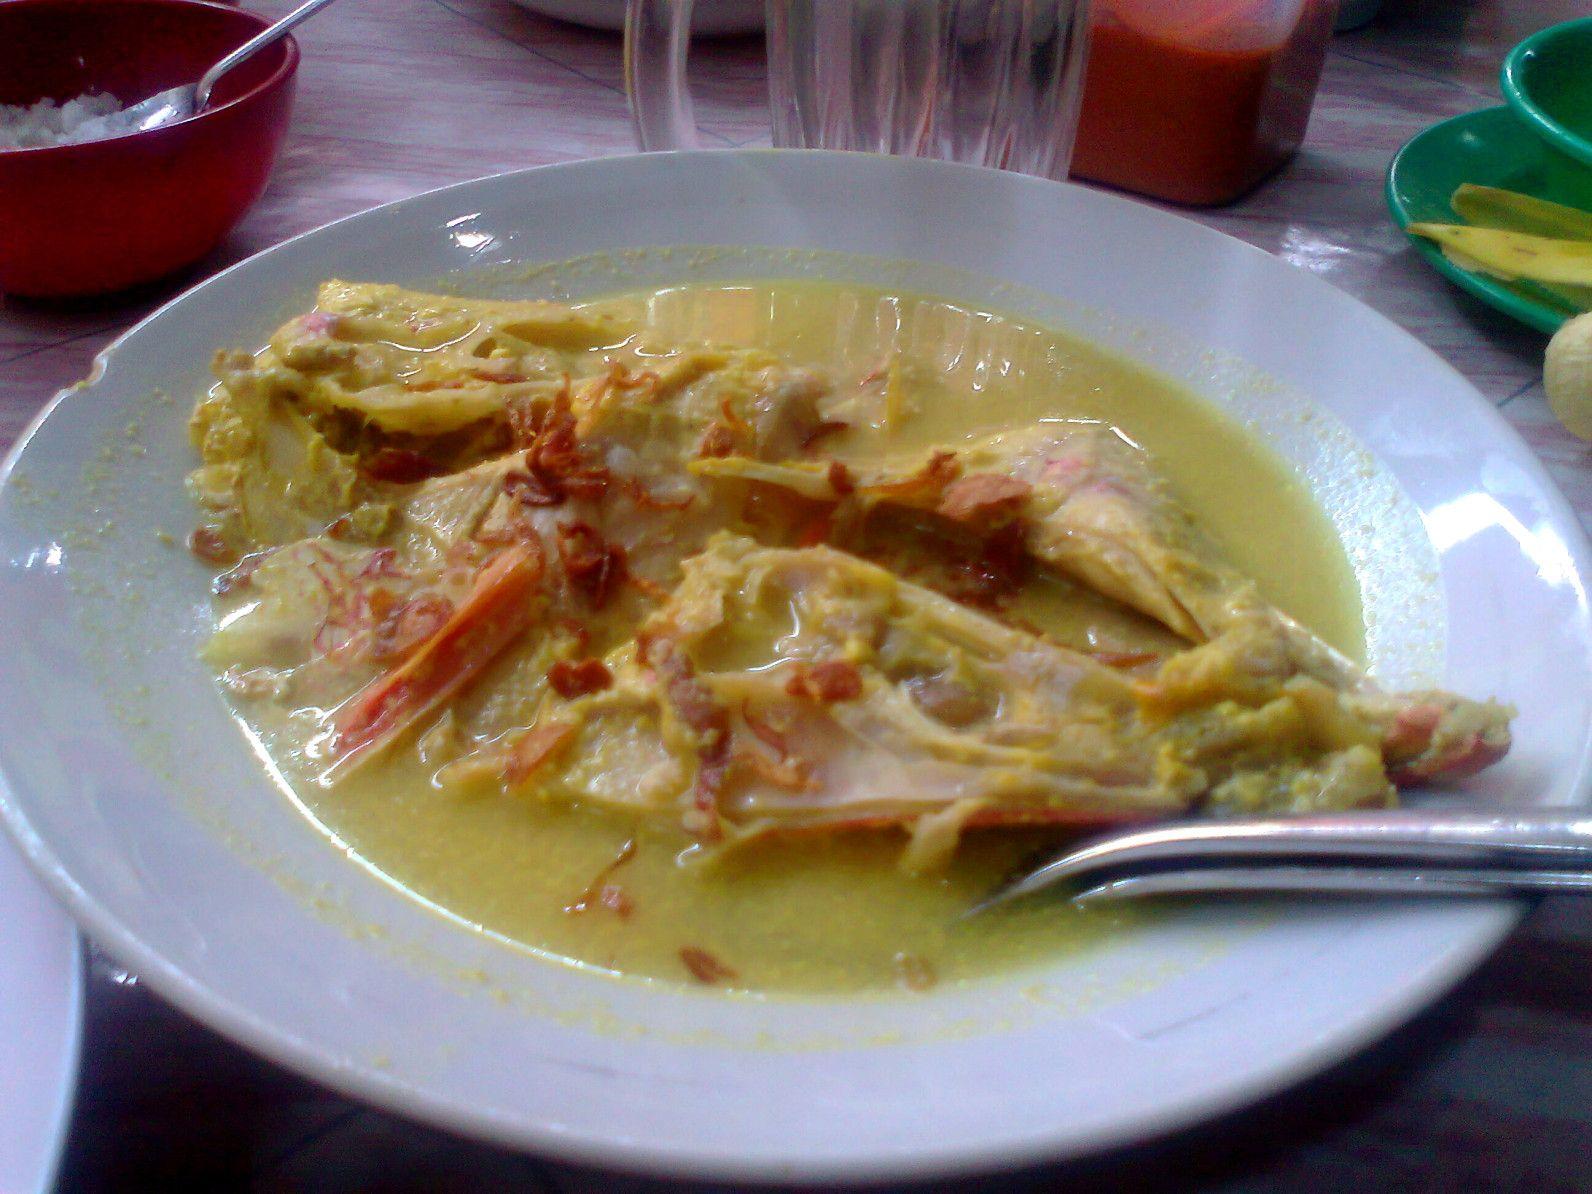 Sup Palumara Ulu Juku Kuliner Kepala Ikan Khas Makassar Kuliner Makassar Makanan Resep Sup Makassar